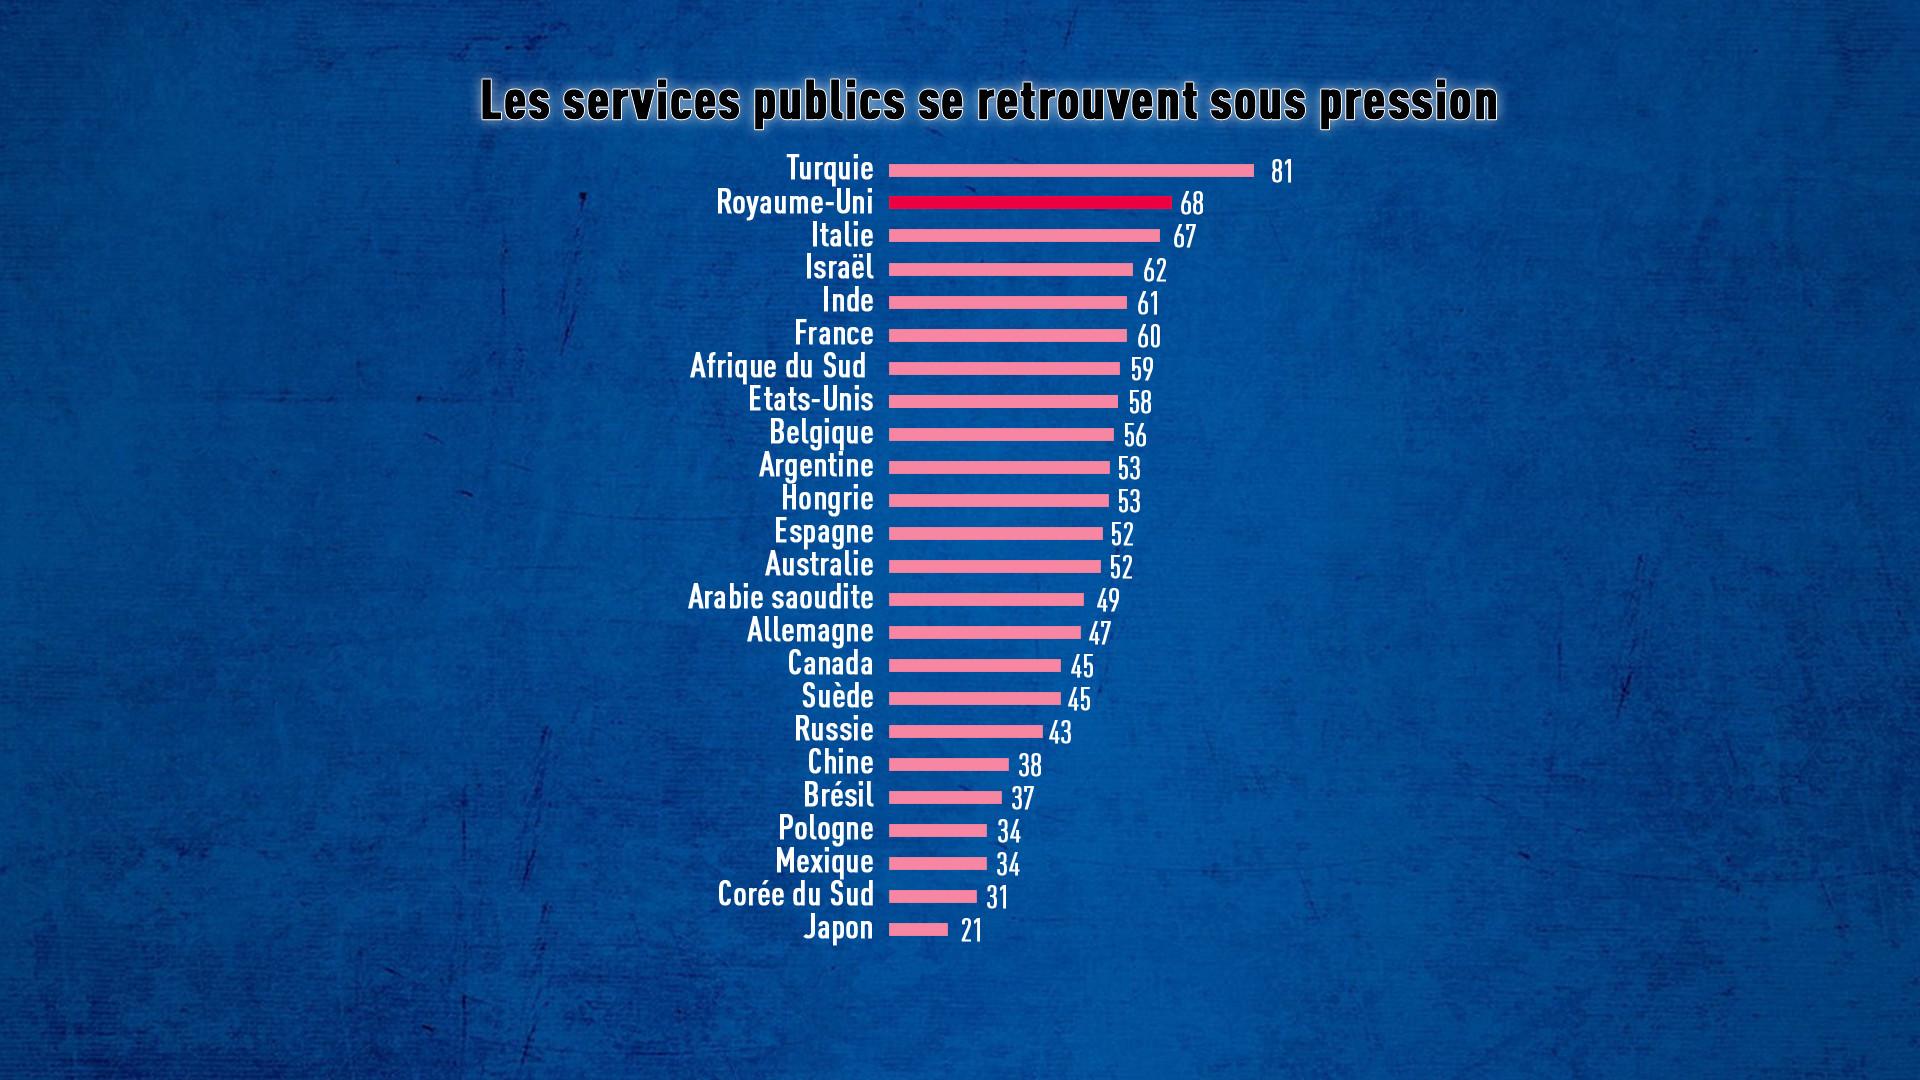 Trop de migrants: ce que pensent vraiment les populations des pays développés